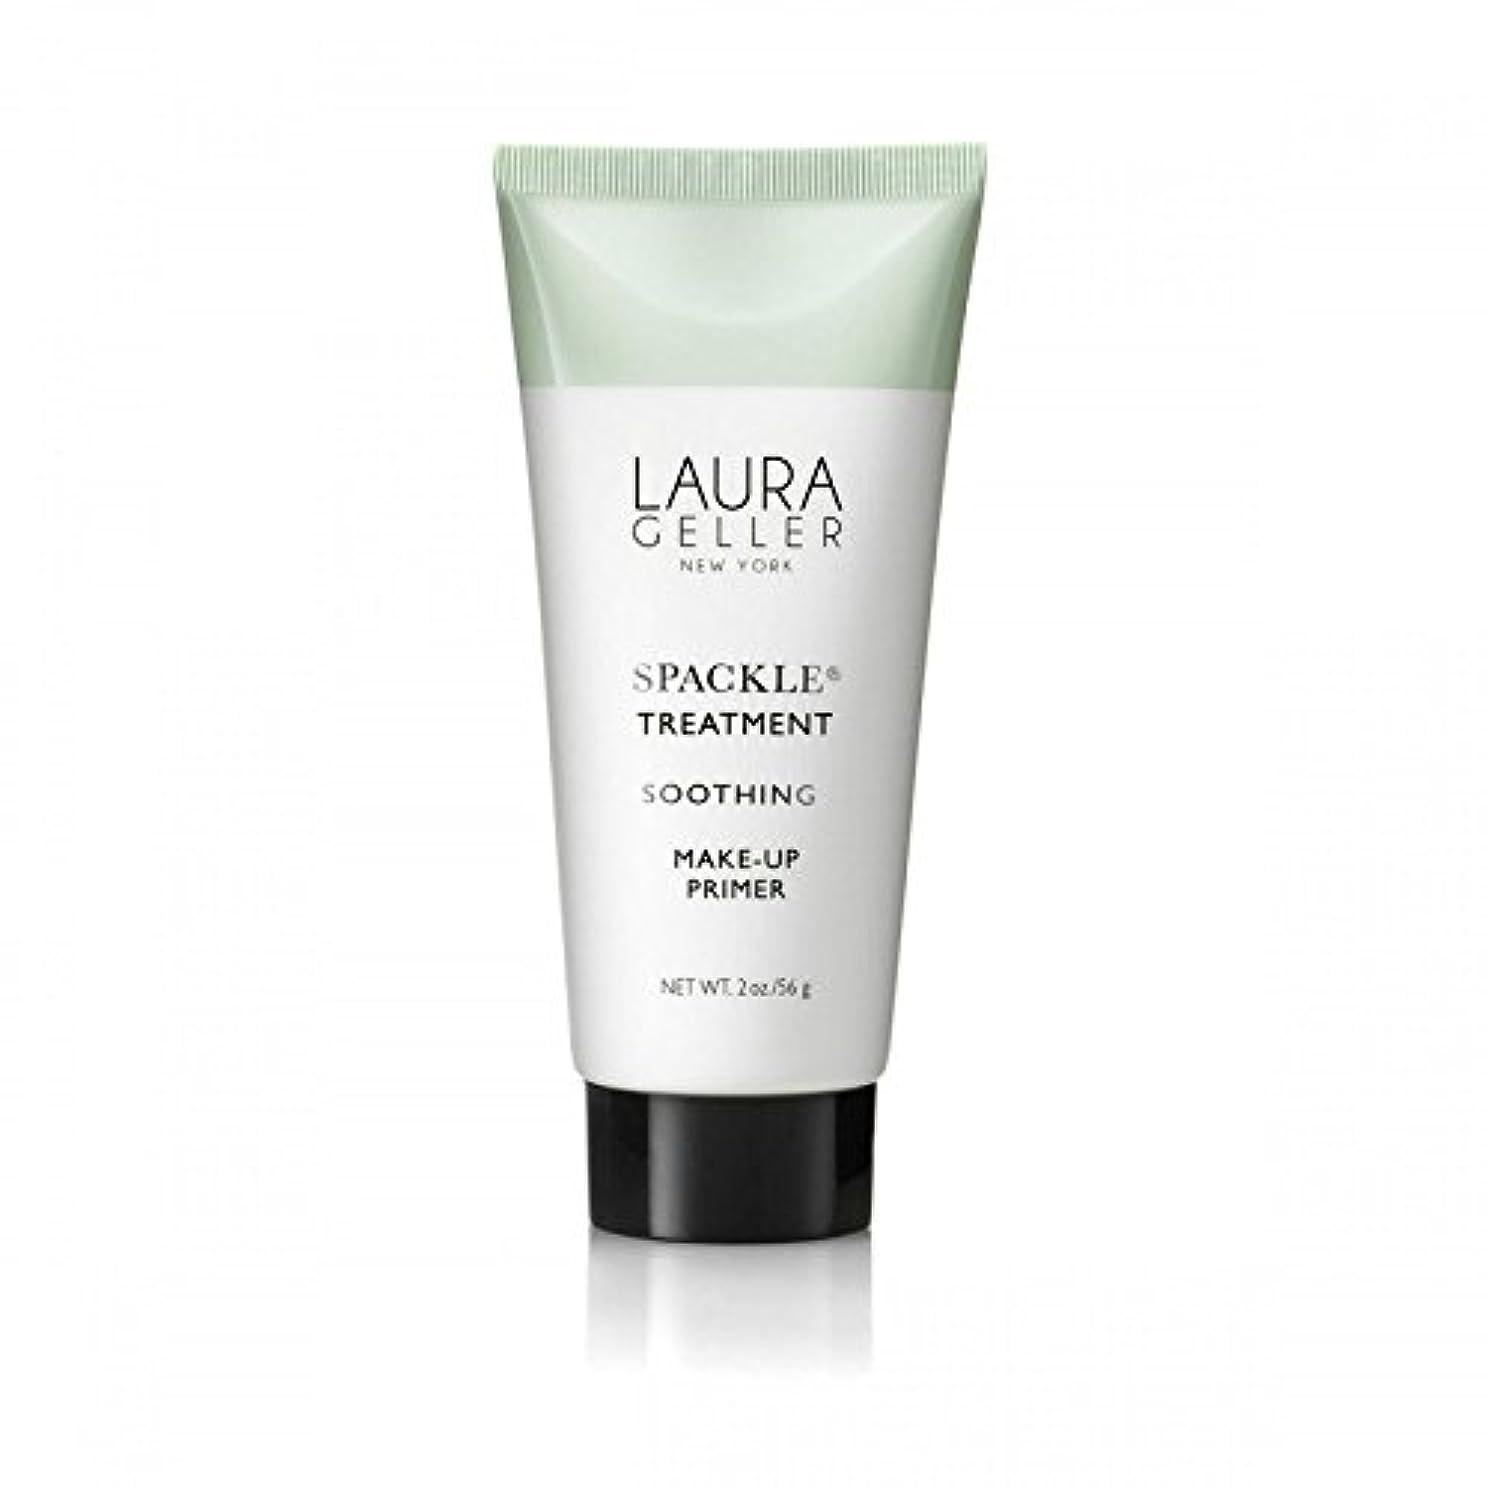 修正するバター確保するLaura Geller Spackle Treatment Under Make-Up Primer Soothing - メイクアッププライマー癒しの下のローラ?ゲラー 処理 [並行輸入品]